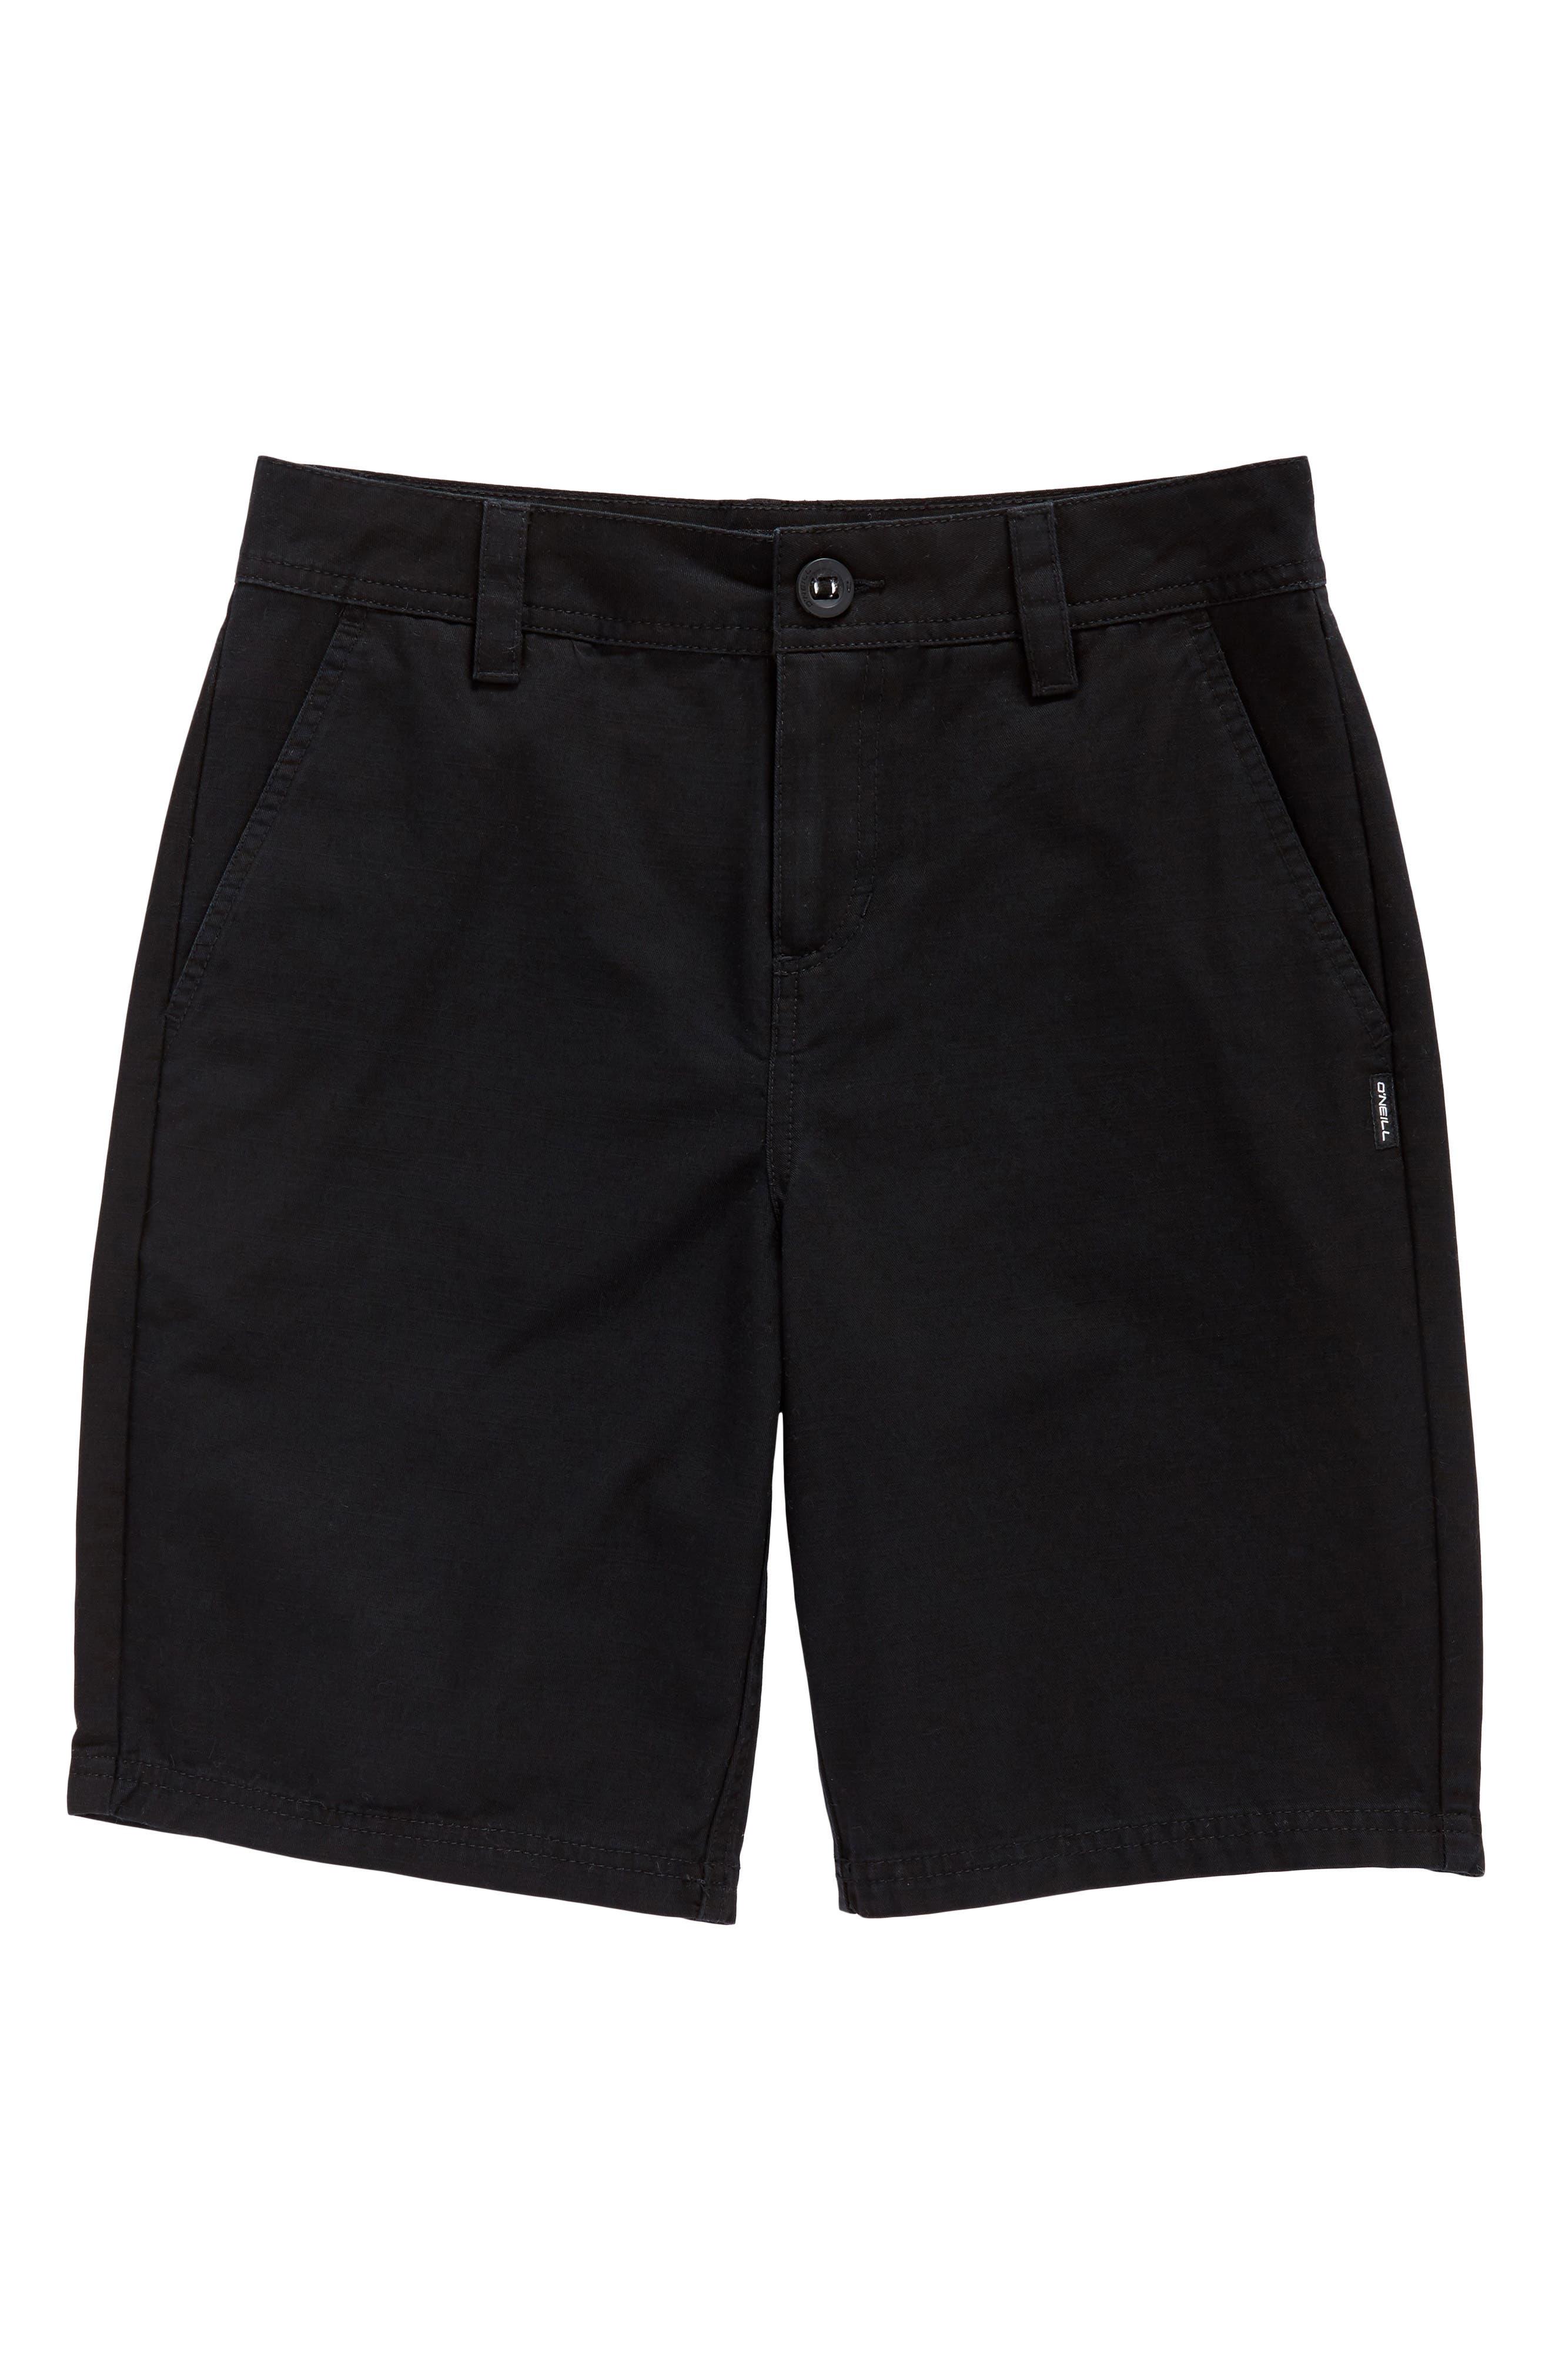 Jay Chino Shorts,                             Main thumbnail 1, color,                             Black